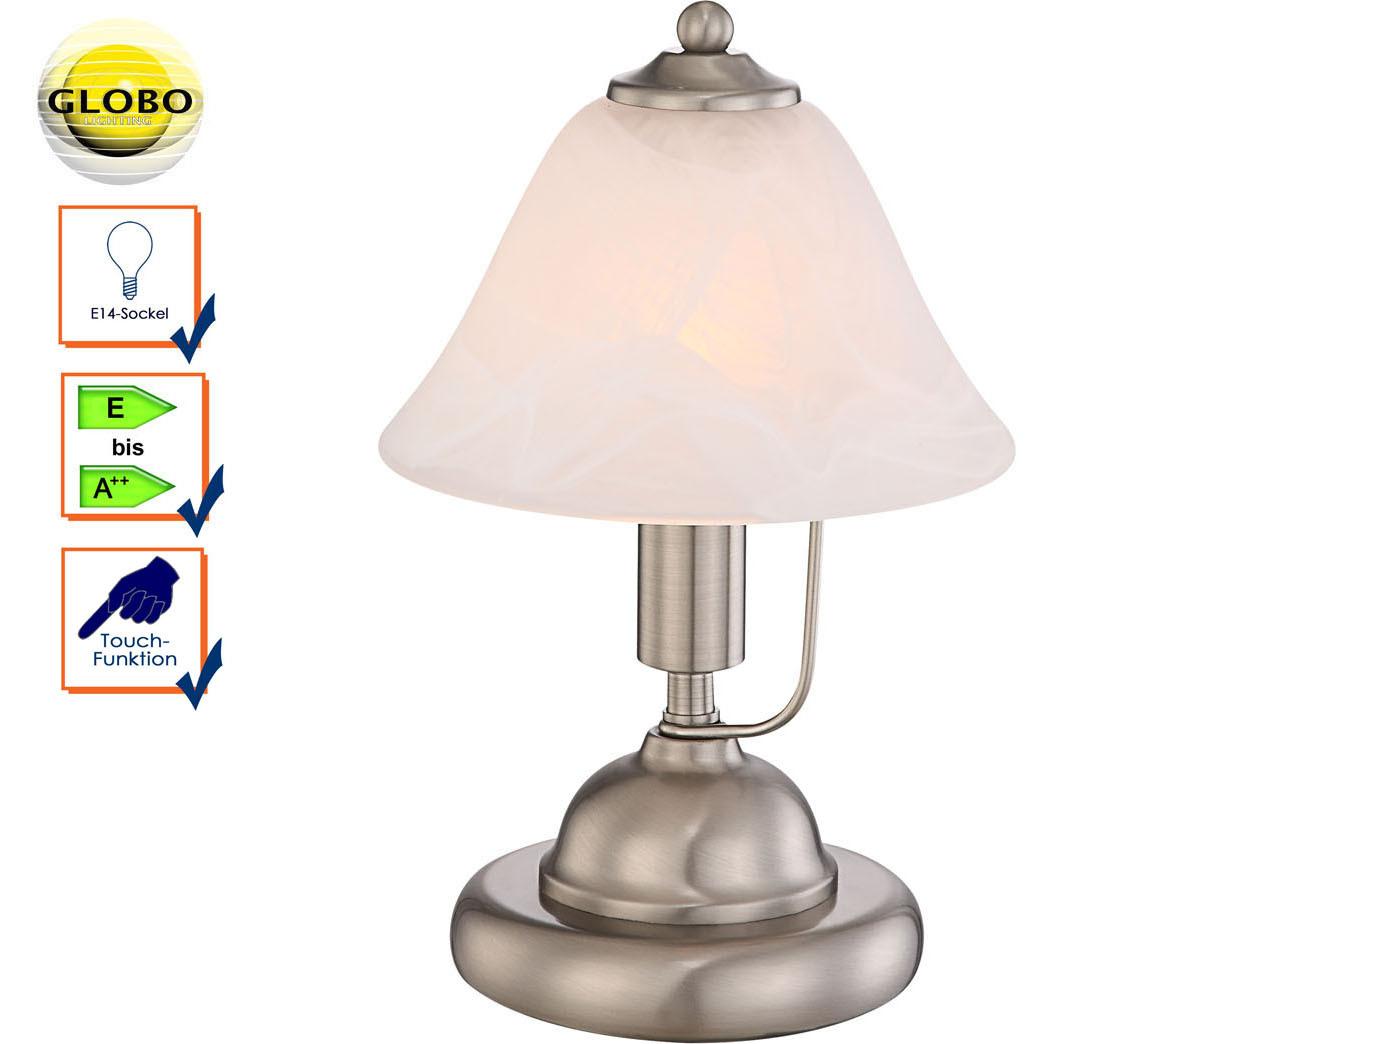 Tischleuchte Nachttisch Design Tischlampe ANTIQUE mit Glasschirm Touchfunktion